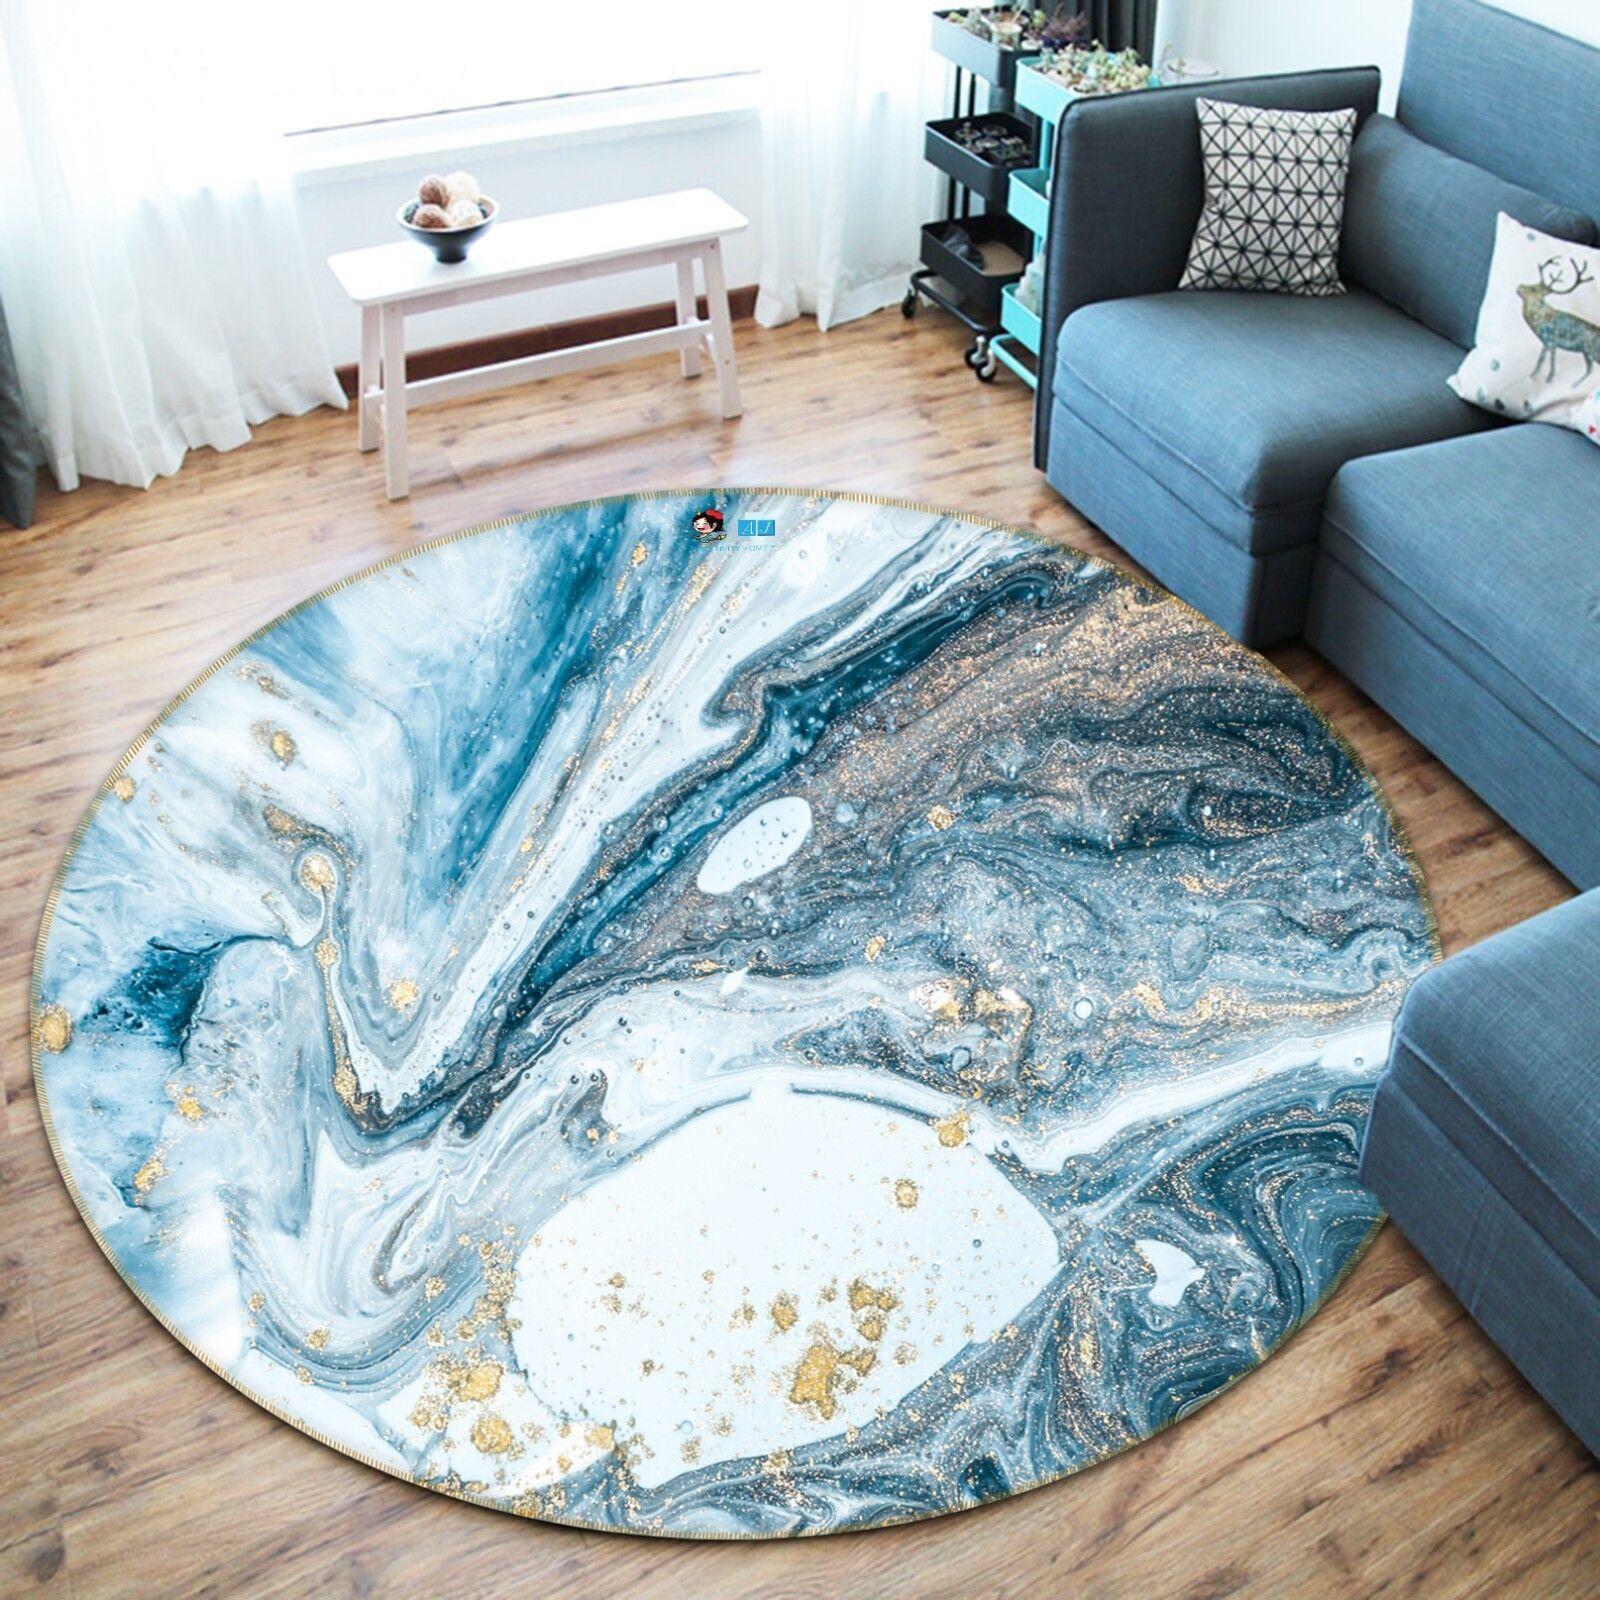 3d astratto MARE WAVE 6 antiscivolo tappeto bagagliaio giri elegante TAPPETO